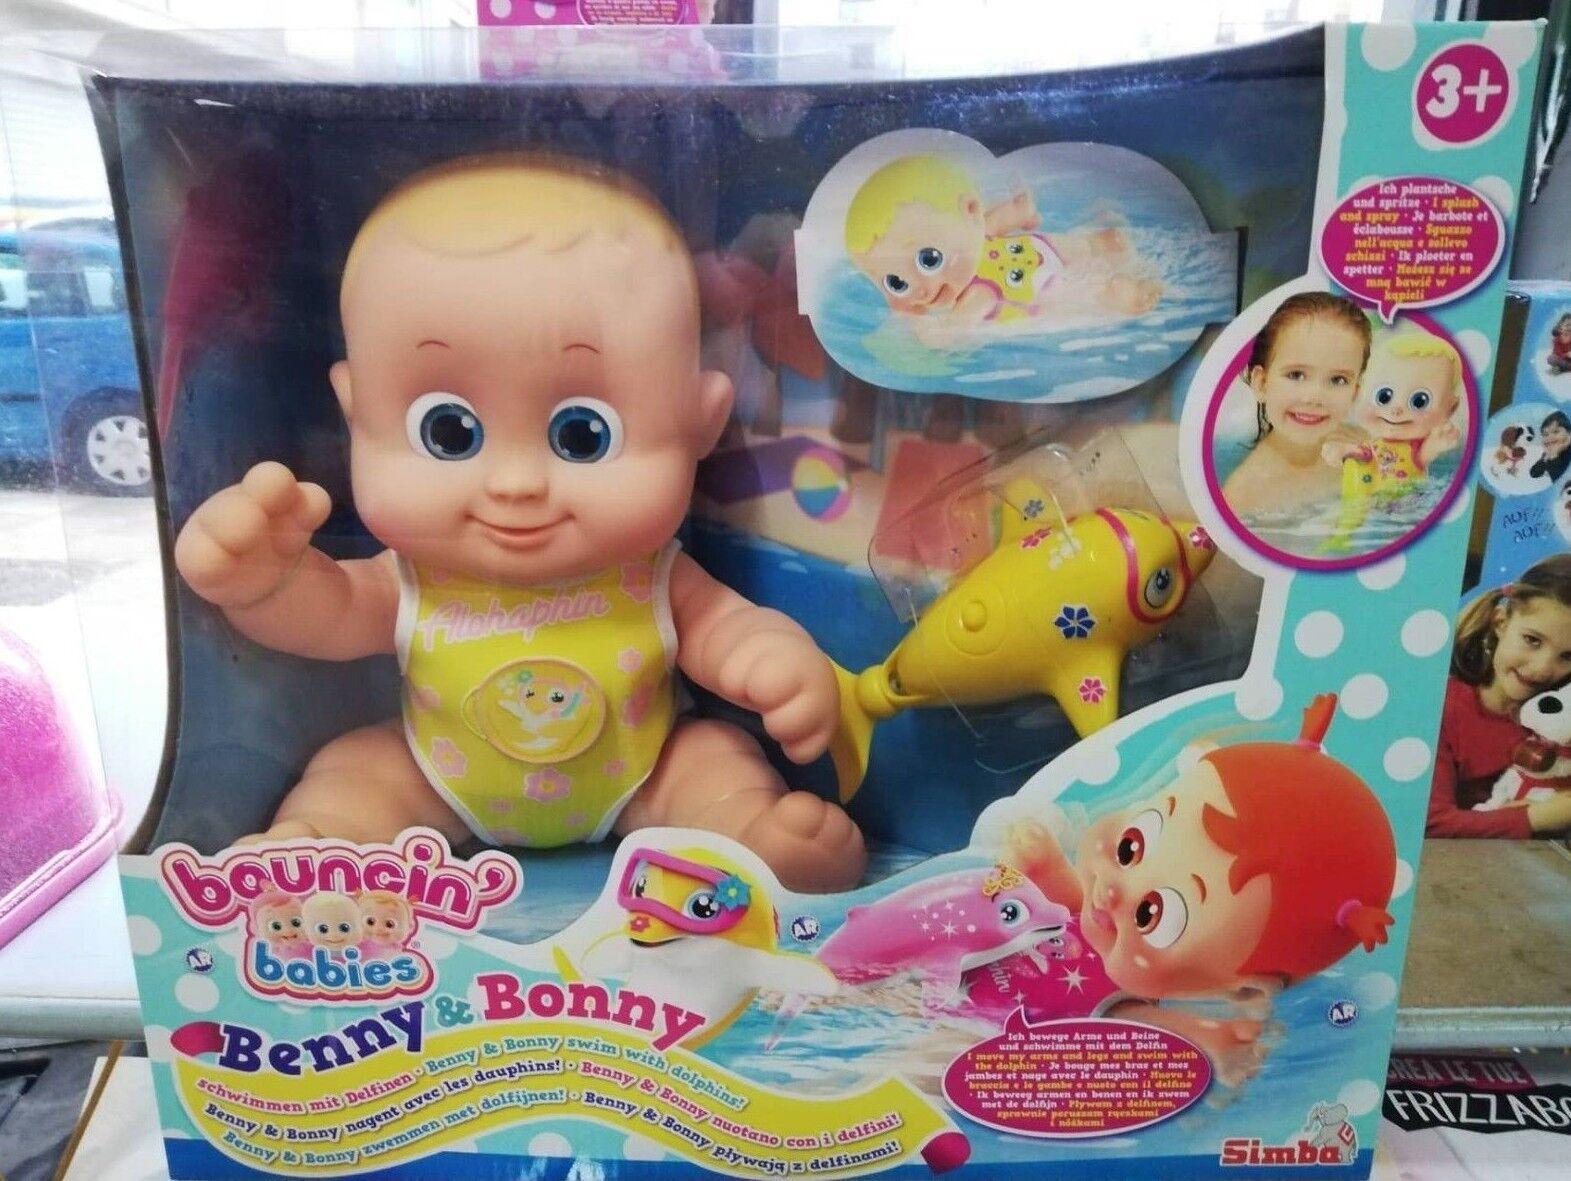 BOUNCIN' BABIES BENNY E BONNY NUOTANO CON I I I DELFINI BAMBOLOTTO 19bf44